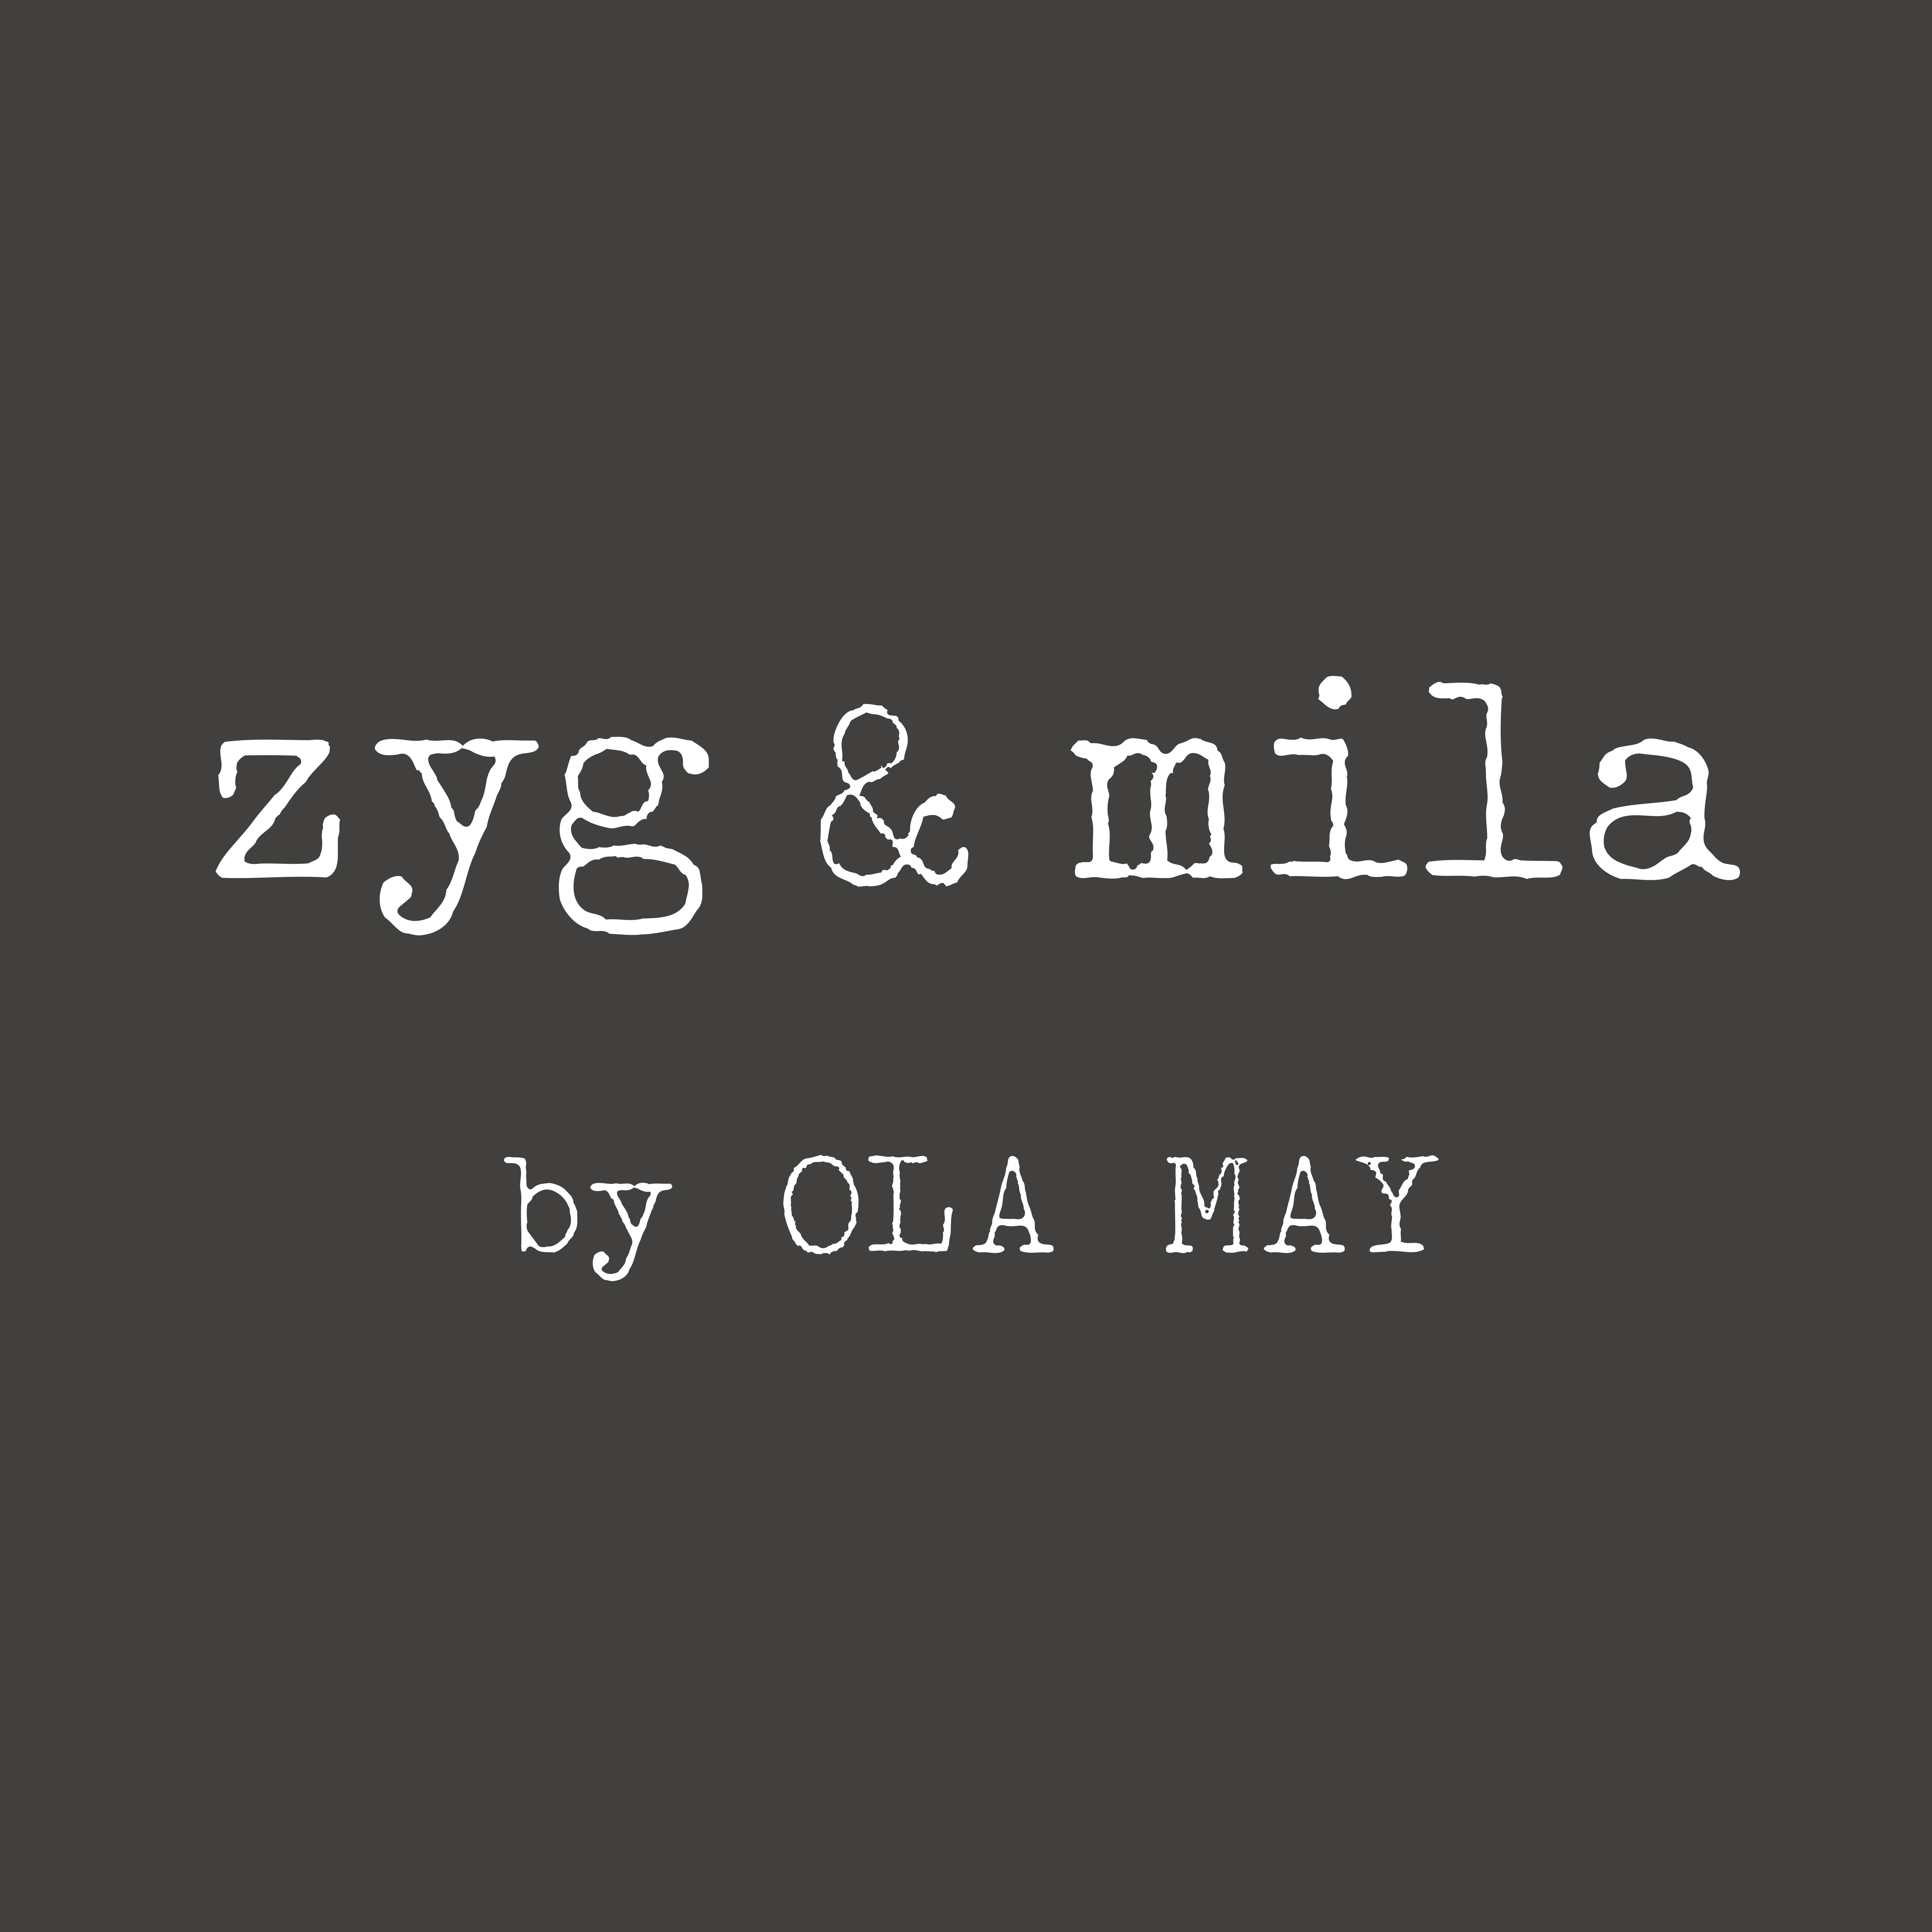 Zyg & mila